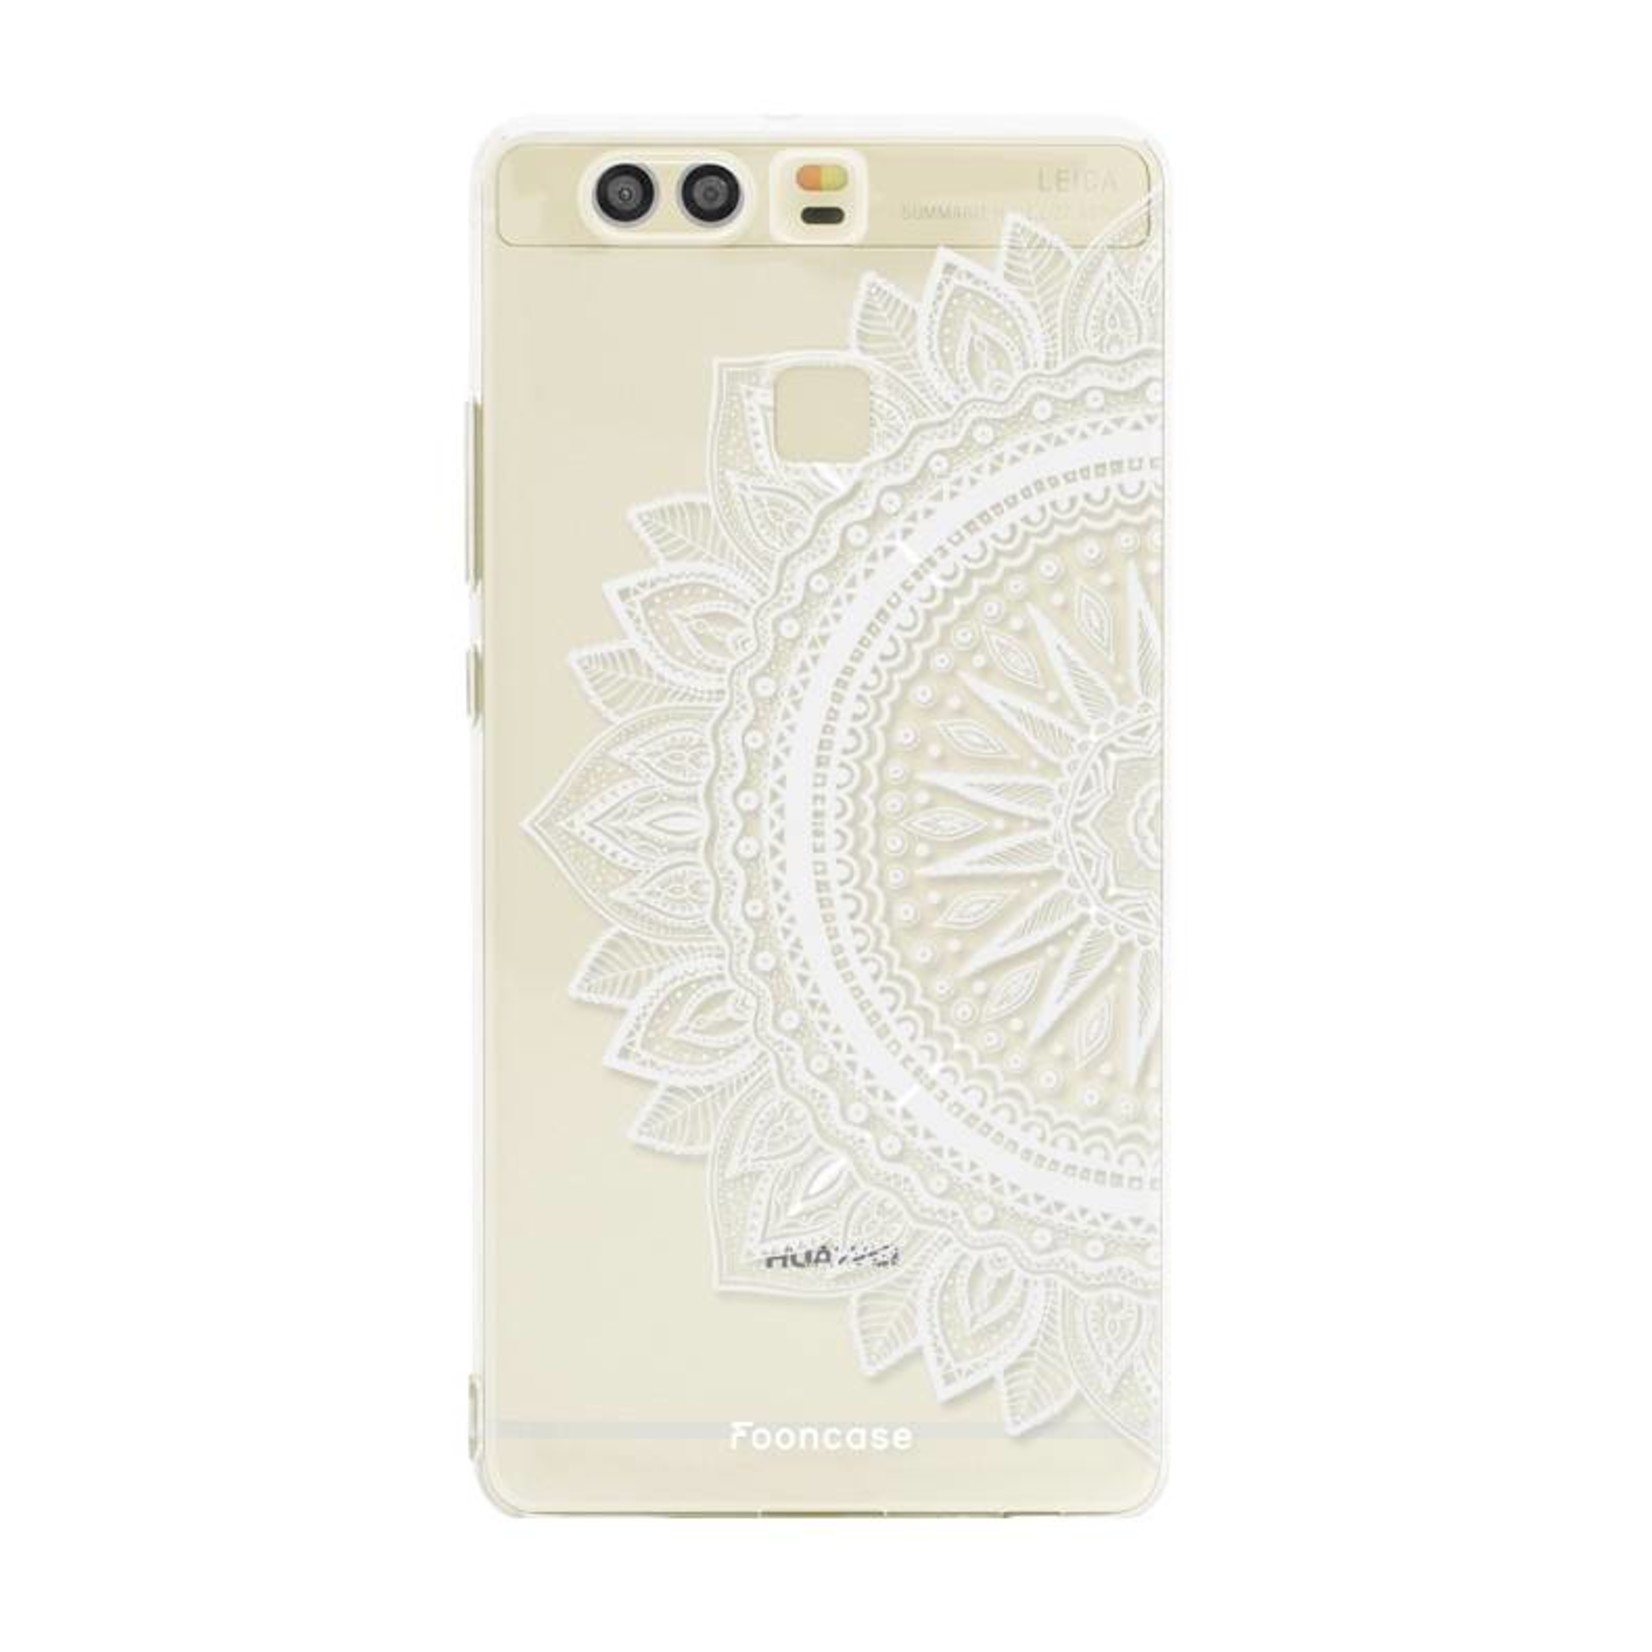 FOONCASE Huawei P9 Handyhülle - Mandala